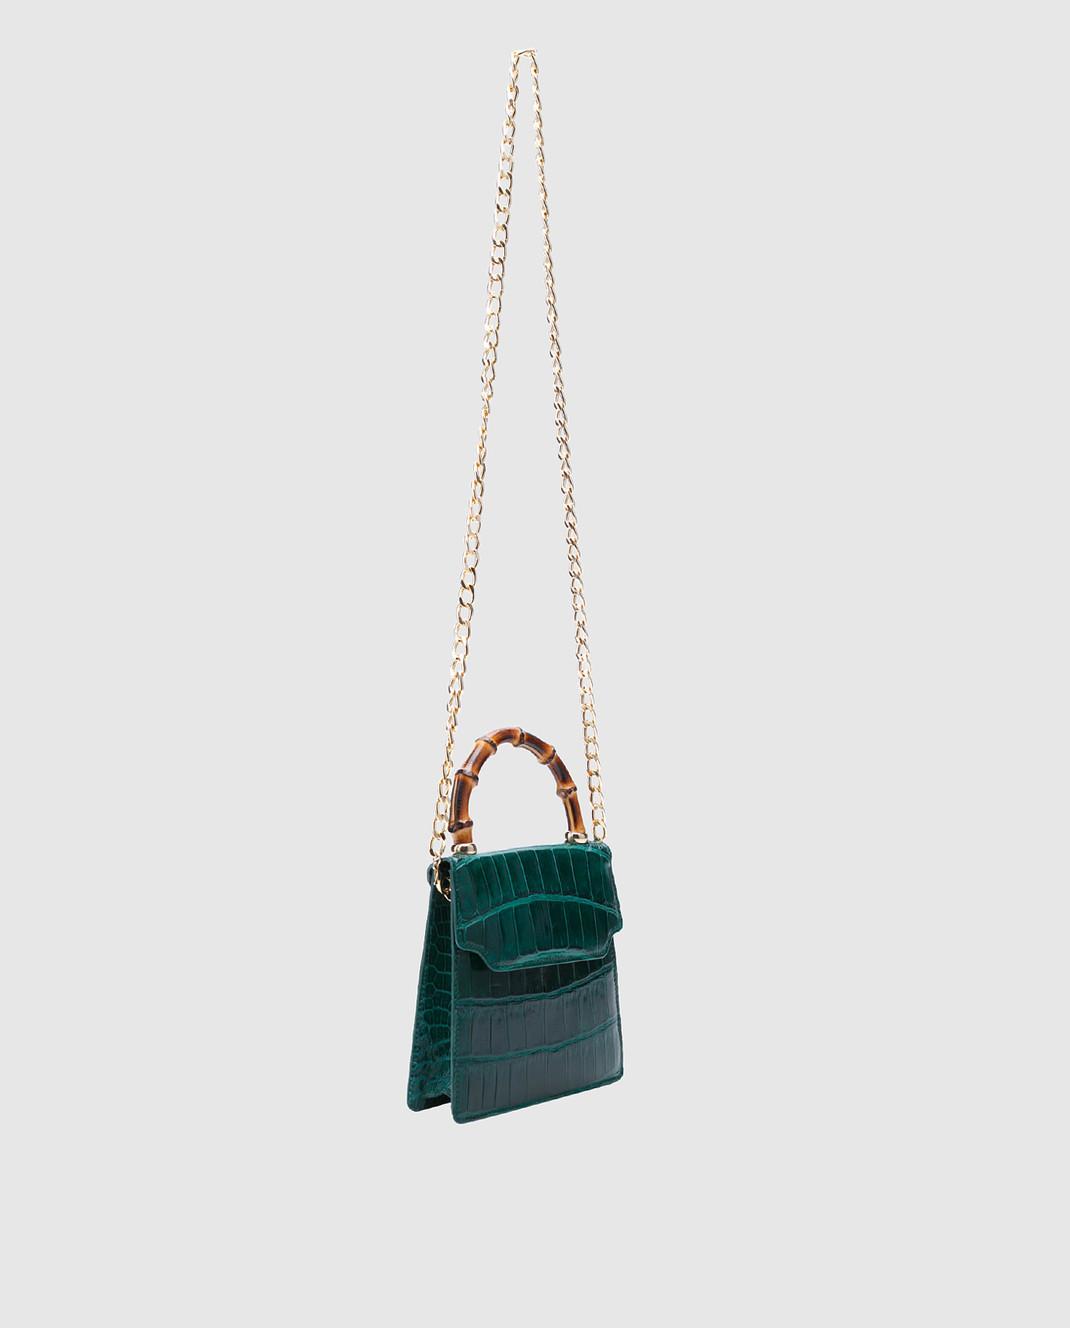 Bochicchio Зеленая кожаная сумка CROCOCLUTCH3 изображение 3